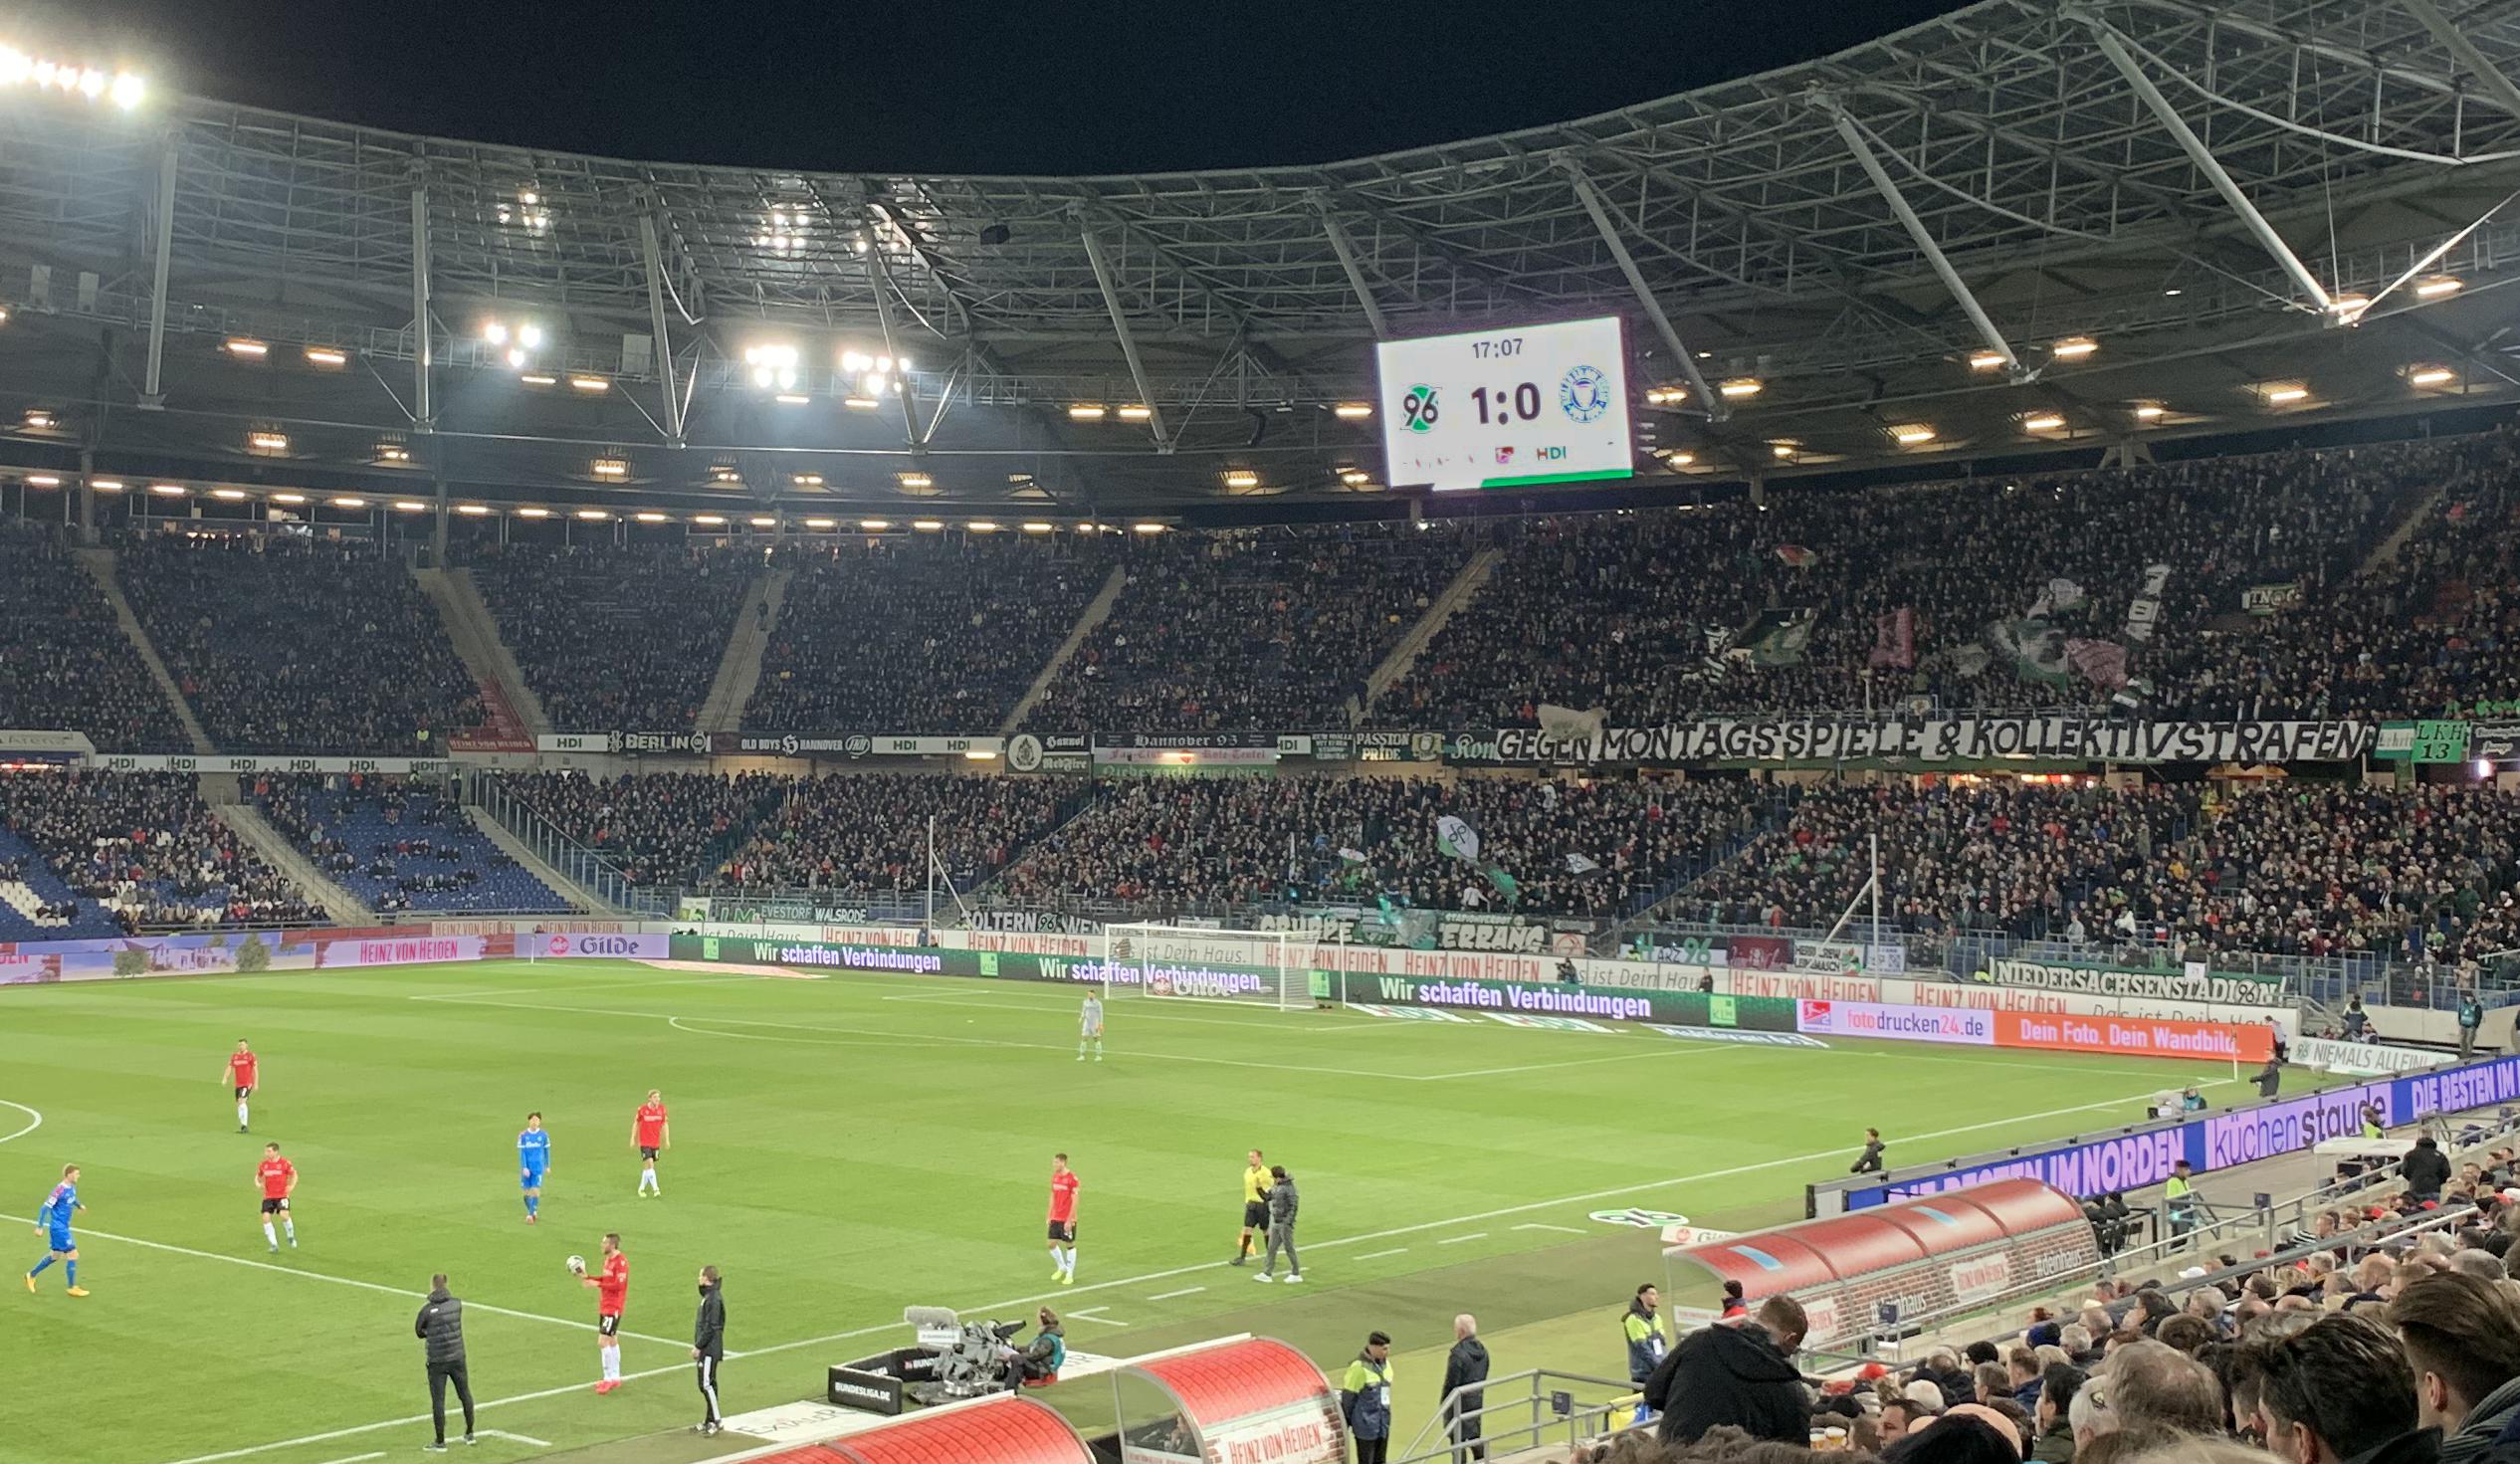 KLH – Wir schaffen Verbindungen. Auch in der HDI Arena bei Hannover 96.